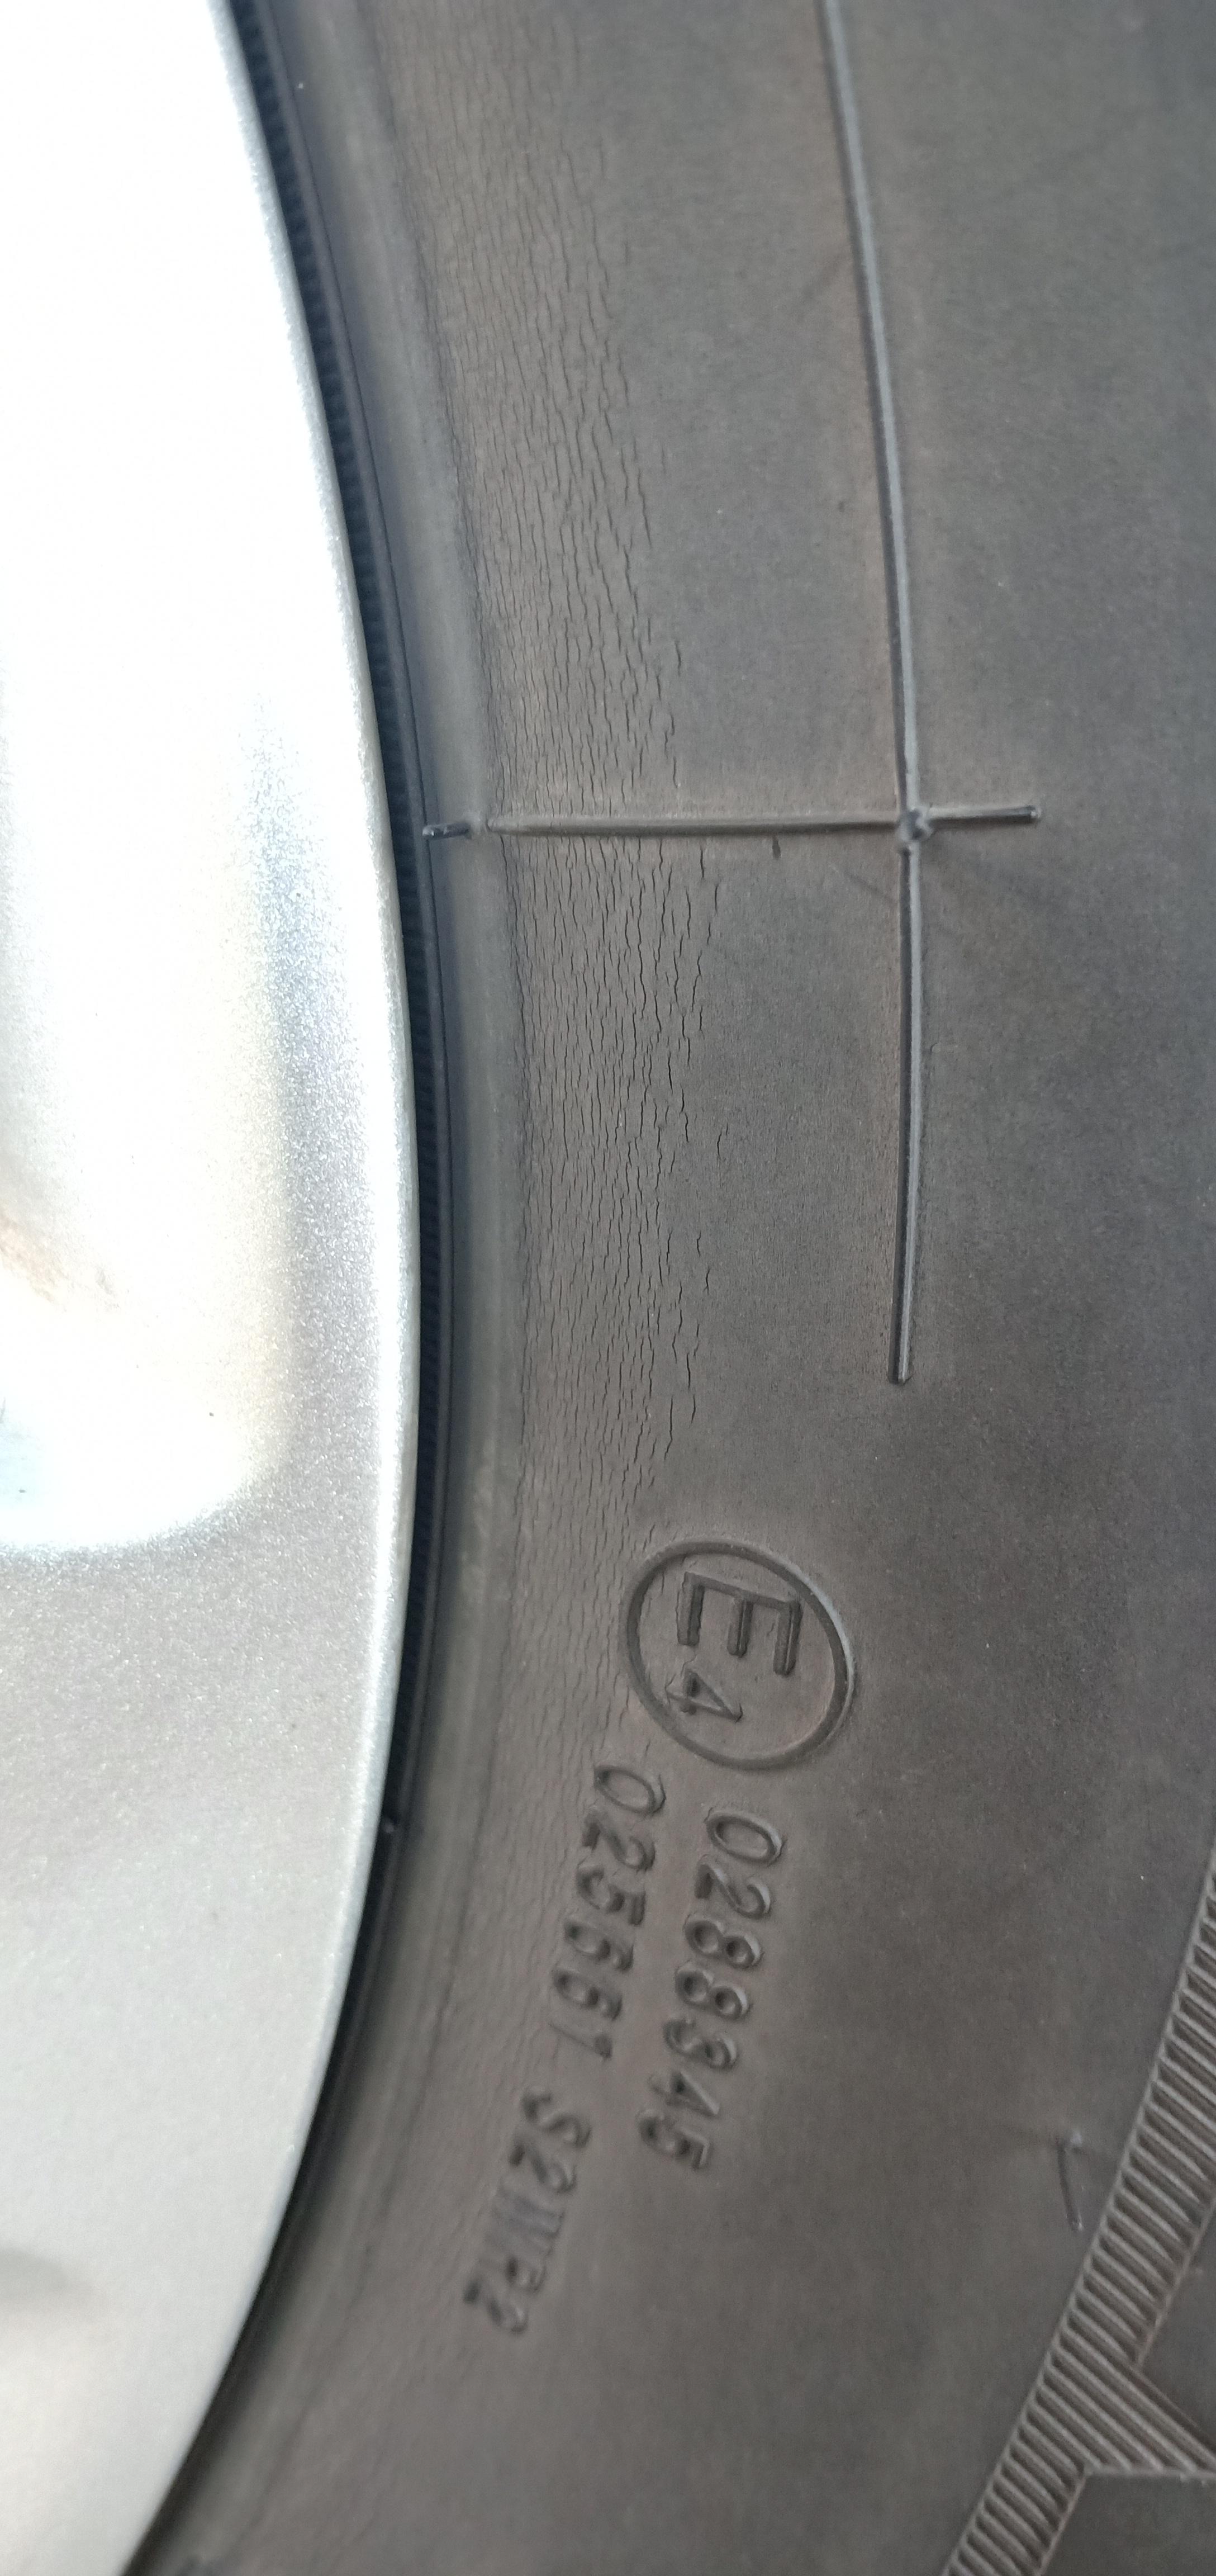 众泰-大迈X5 车辆小毛病太多了